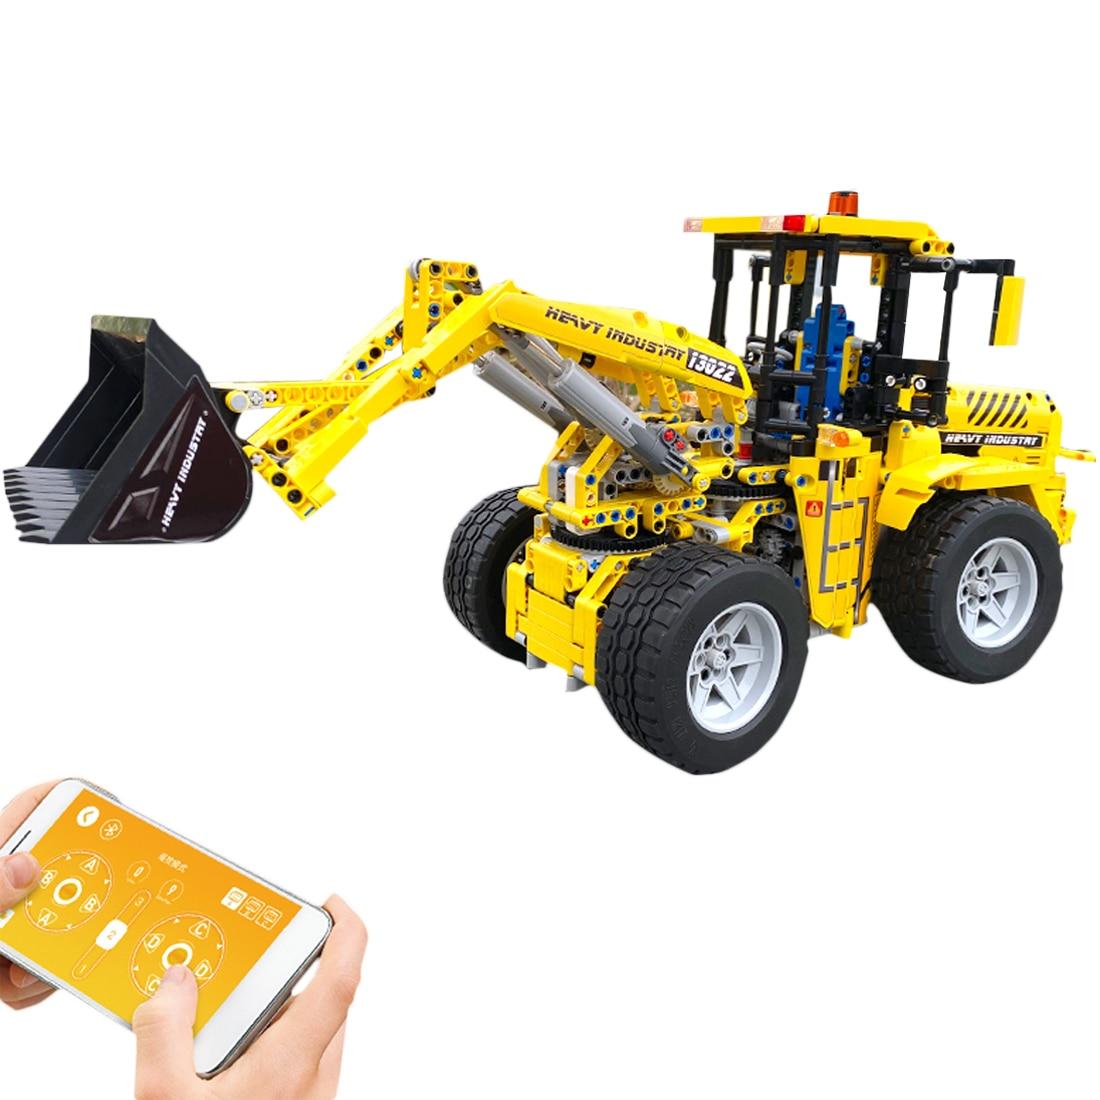 1572 шт./компл. приложение 2,4G дистанционное управление Управление сборка сделай сам бульдозер строительные блоки модель игрушки